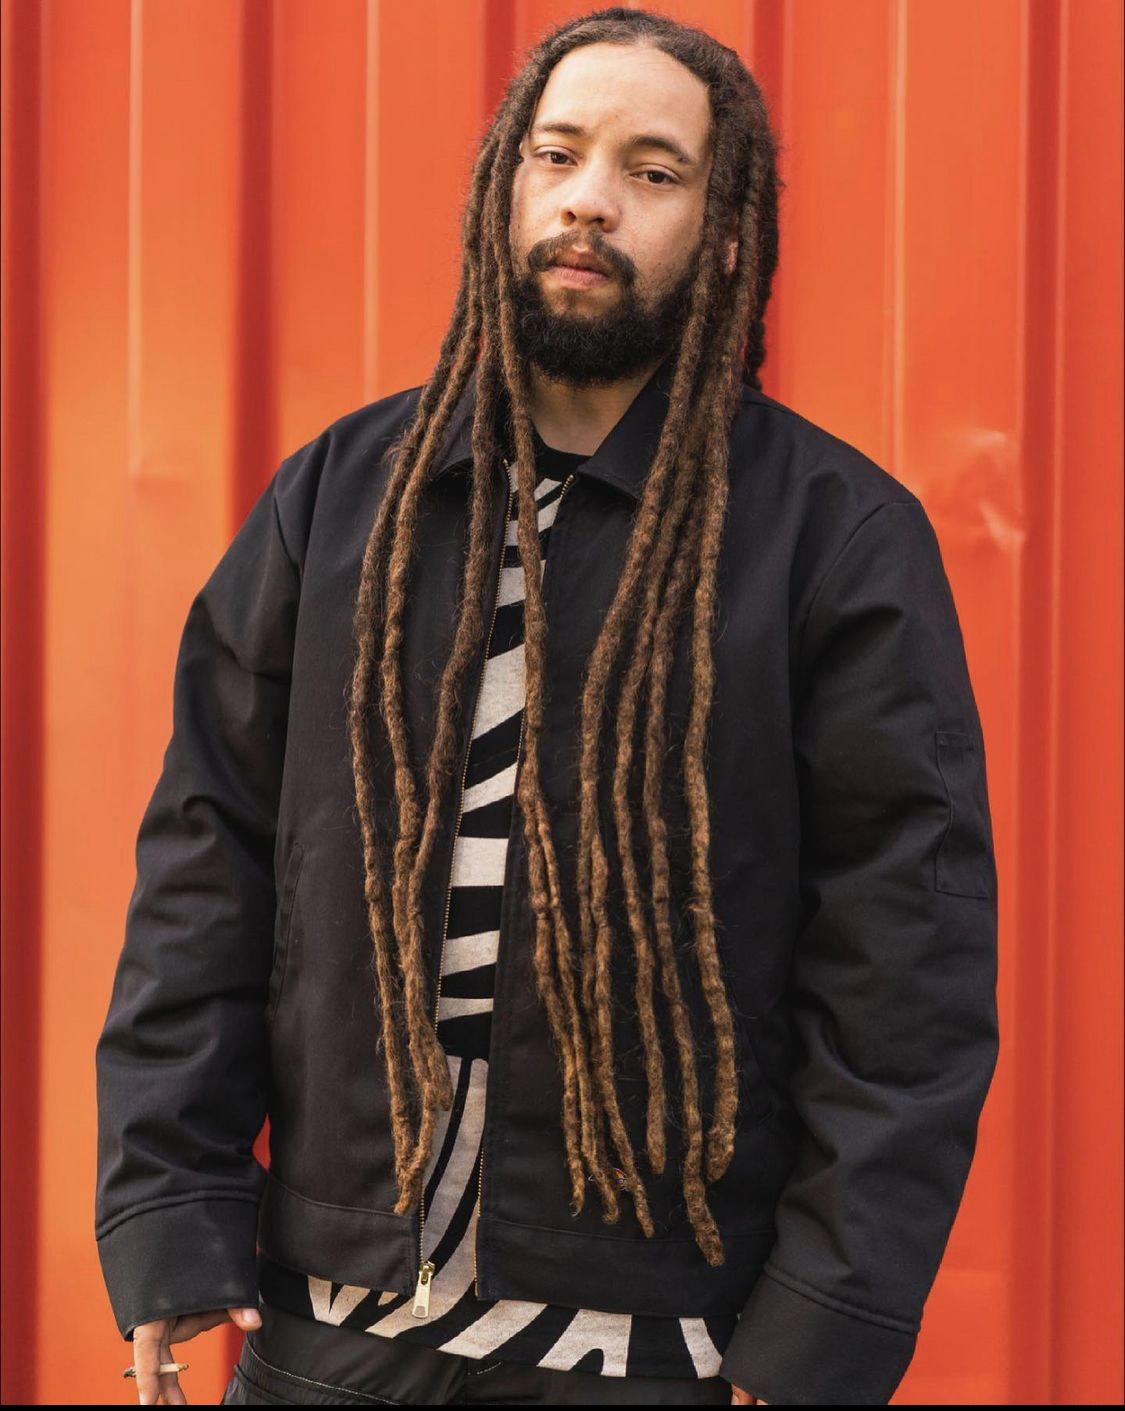 Jo Mersa Marley, Eastern Standard: